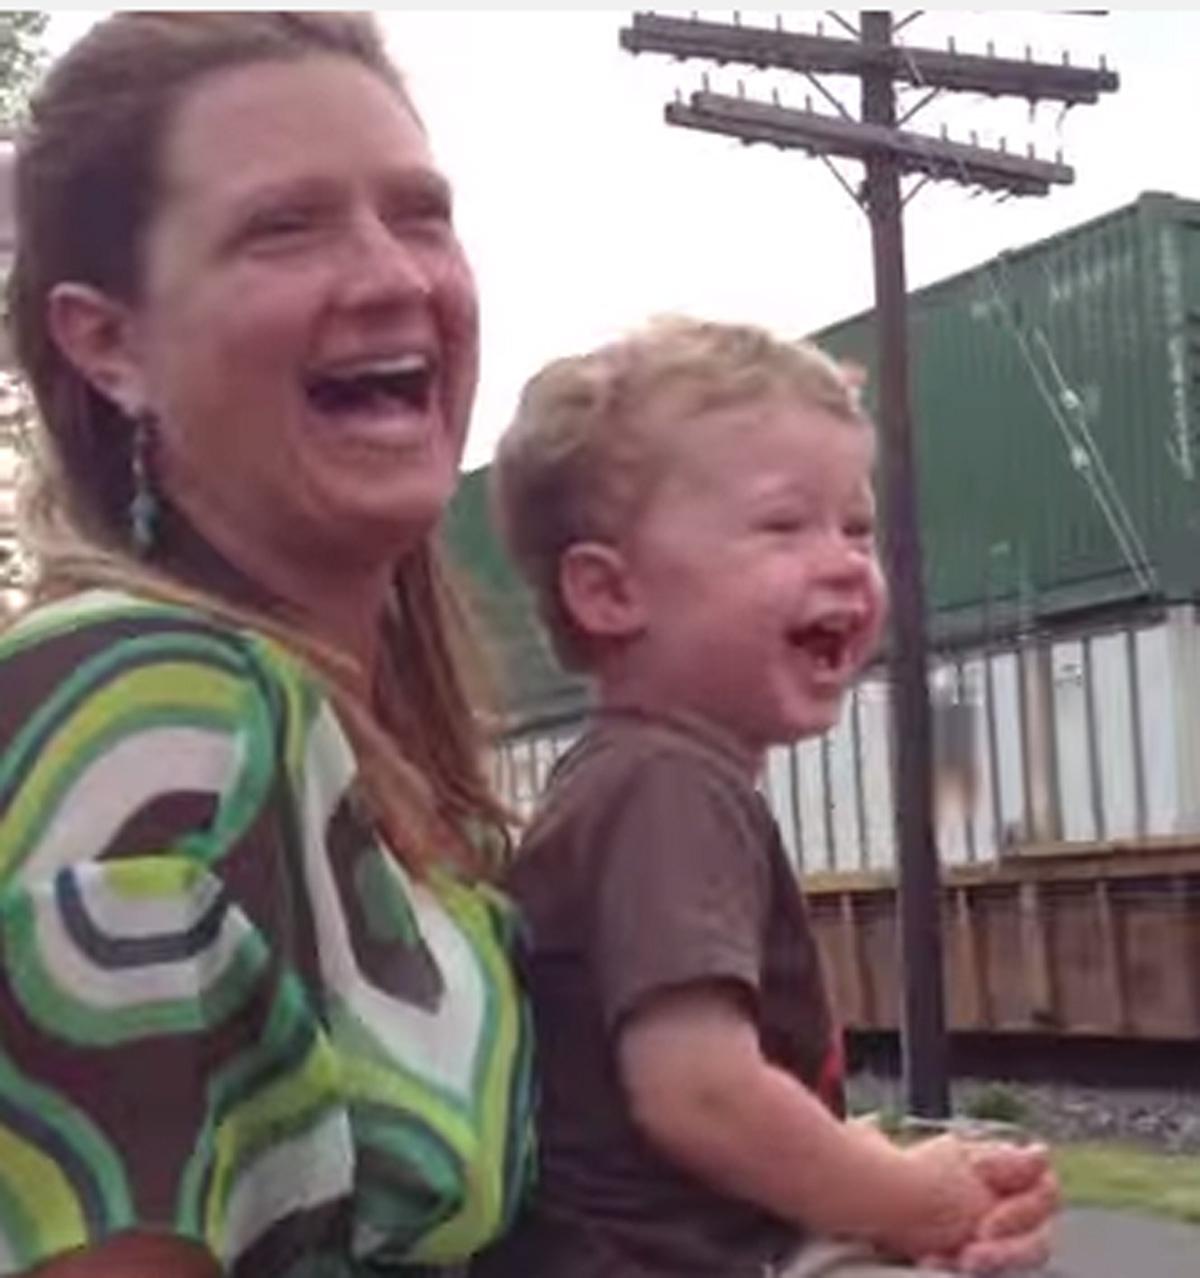 De reactie van dit jongetje wanneer hij zijn vader ziet, zo schattig!